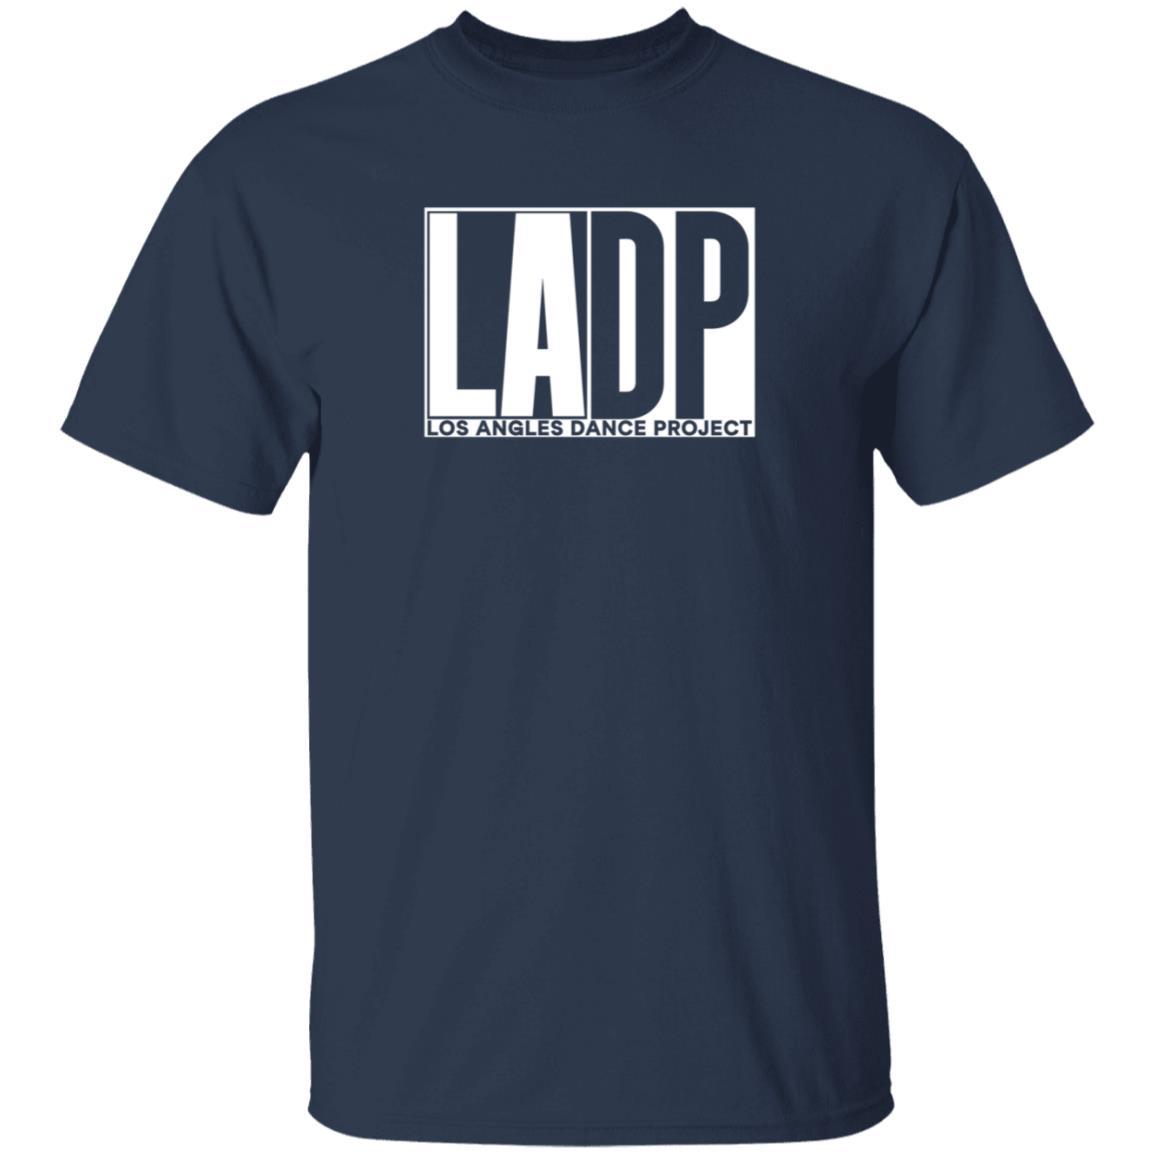 Natalie Portman Ladp Los Angeles Dance Project Shirt